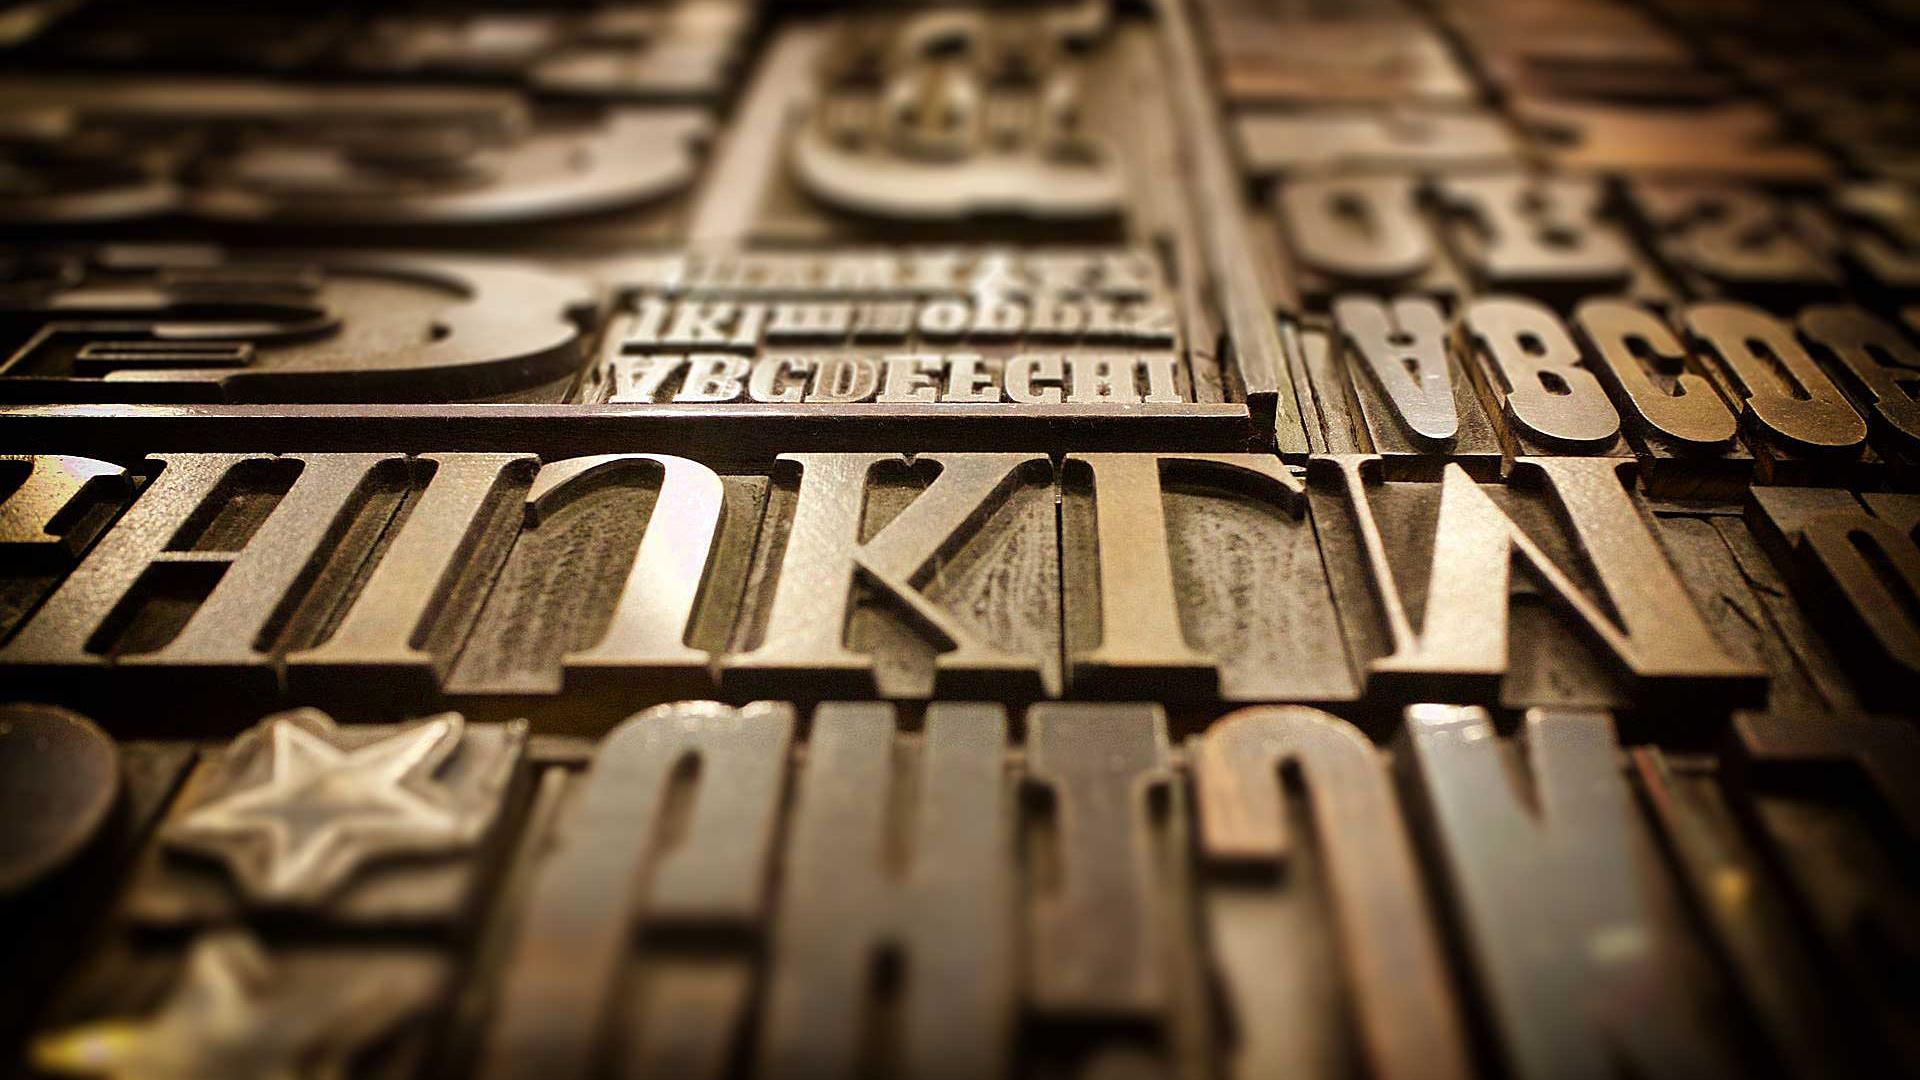 Typolexikon.de ist ein populärwissenschaftliches Langzeitprojekt, um Fachwissen rundum die Typografie, Schrift und Grafikdesign zu dokumentieren und einer breiten Öffentlichkeit zugänglich zu machen. Herausgeber ist der Grafiker und Typograf Wolfgang Beinert. Das Typolexikon ging erstmals 2001 online. Im Jahr 2018 nutzten über 3,6 Millionen Besucher dieses Nachschlagewerk.